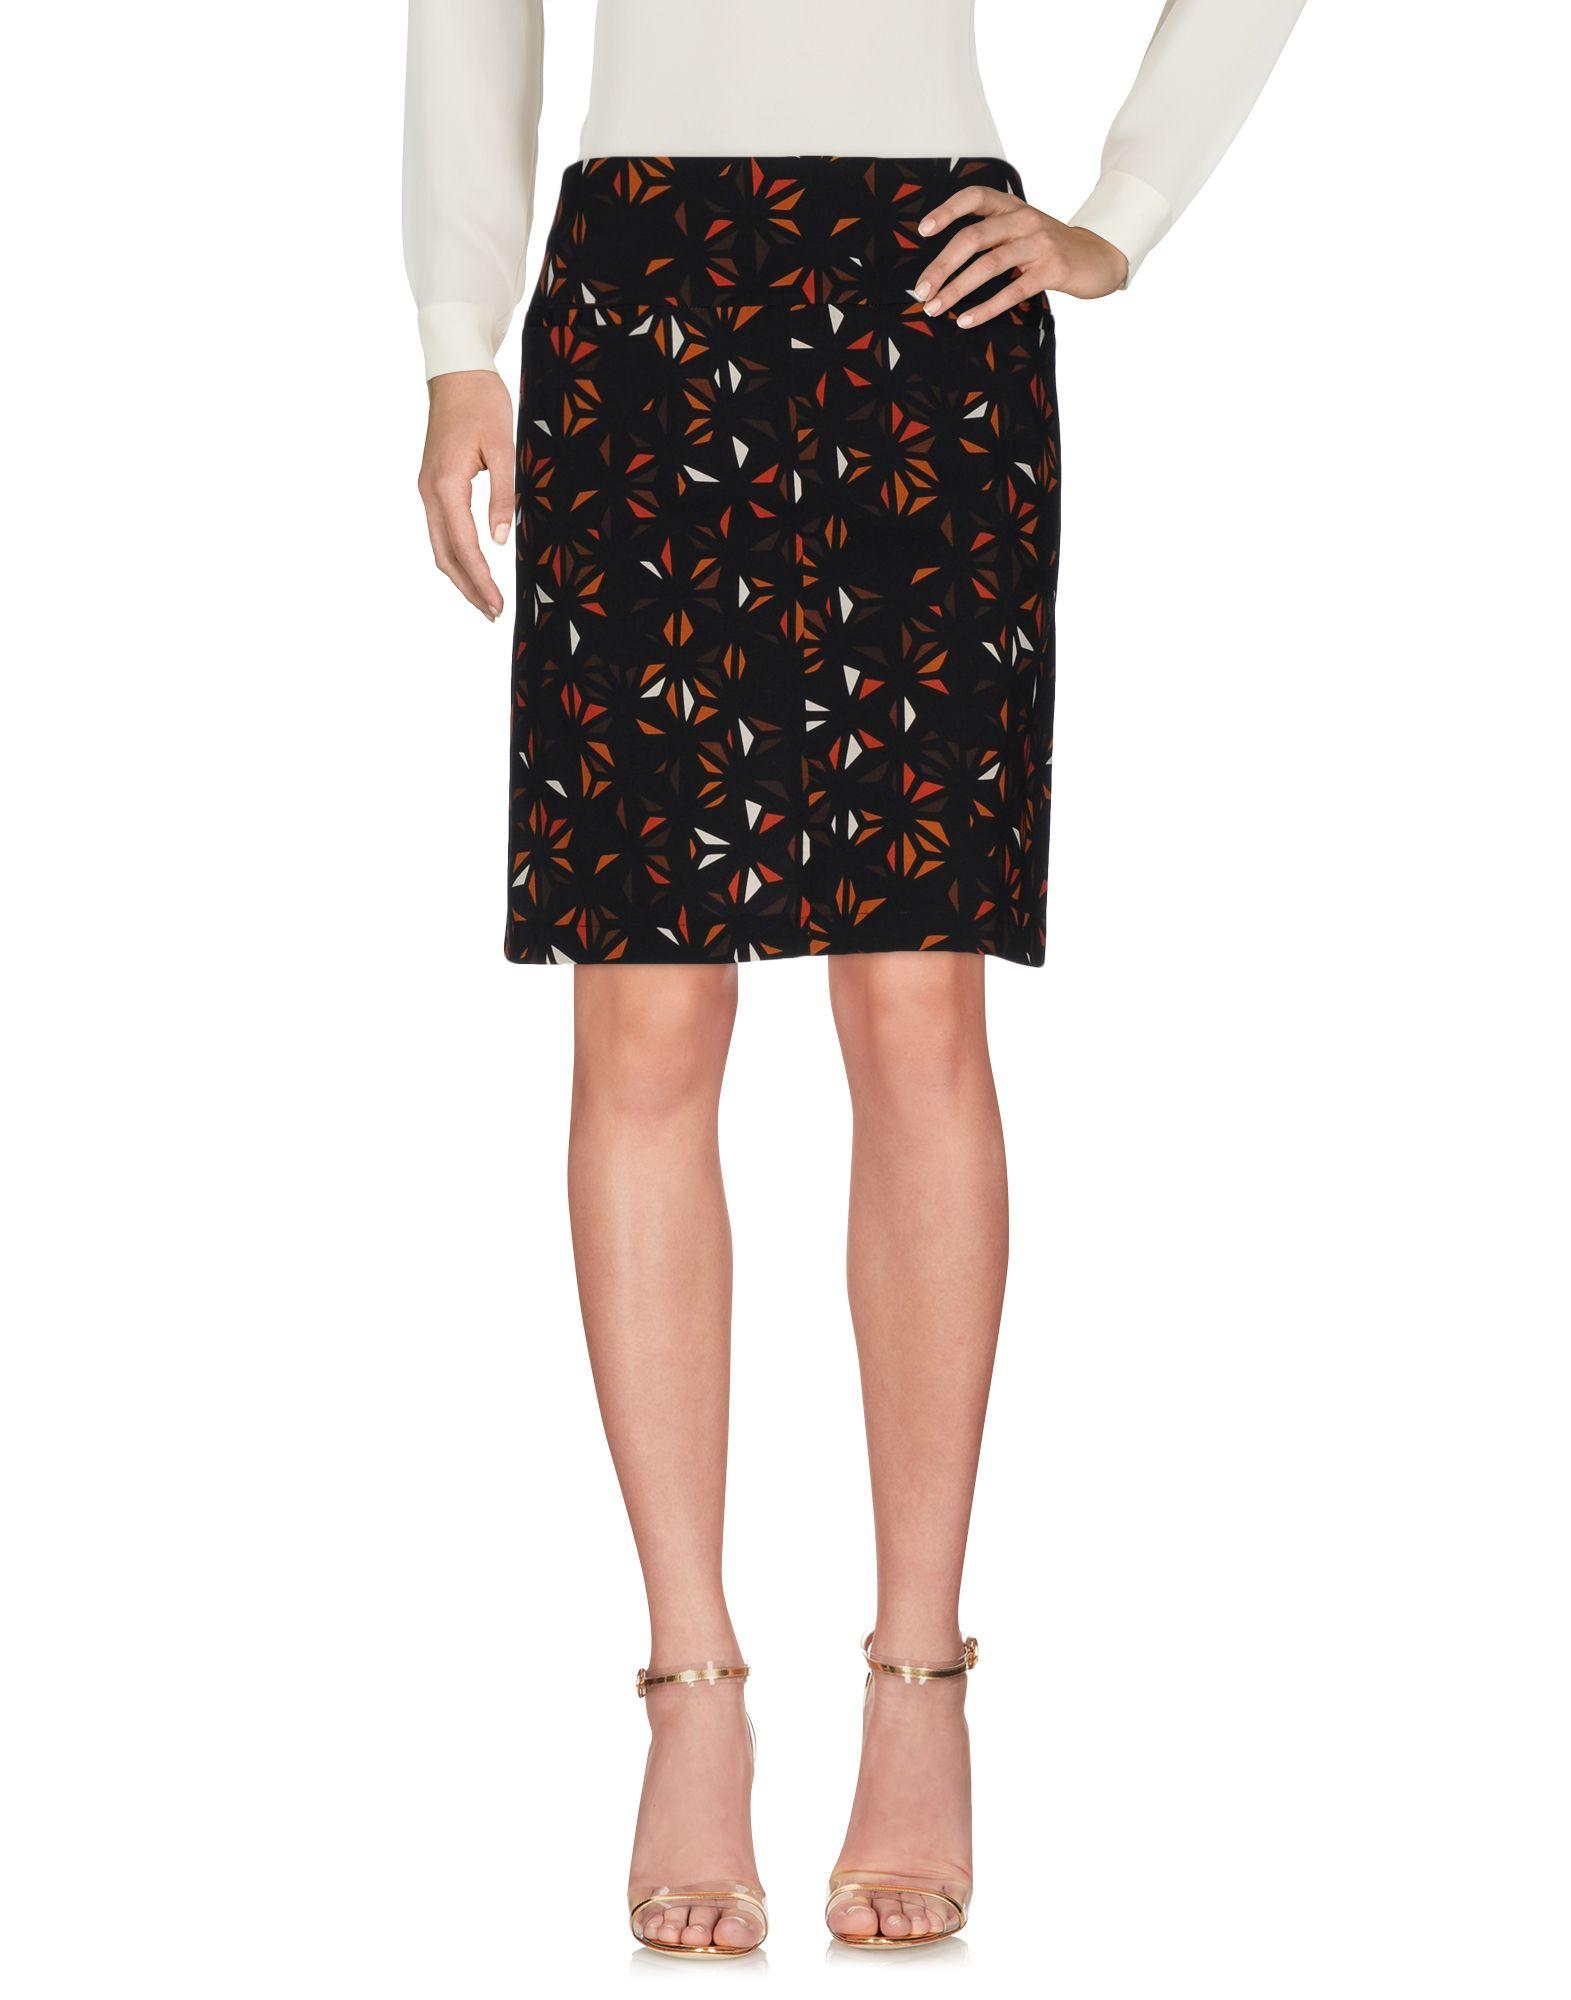 LAURA URBINATI Knee Length Skirt in Brown